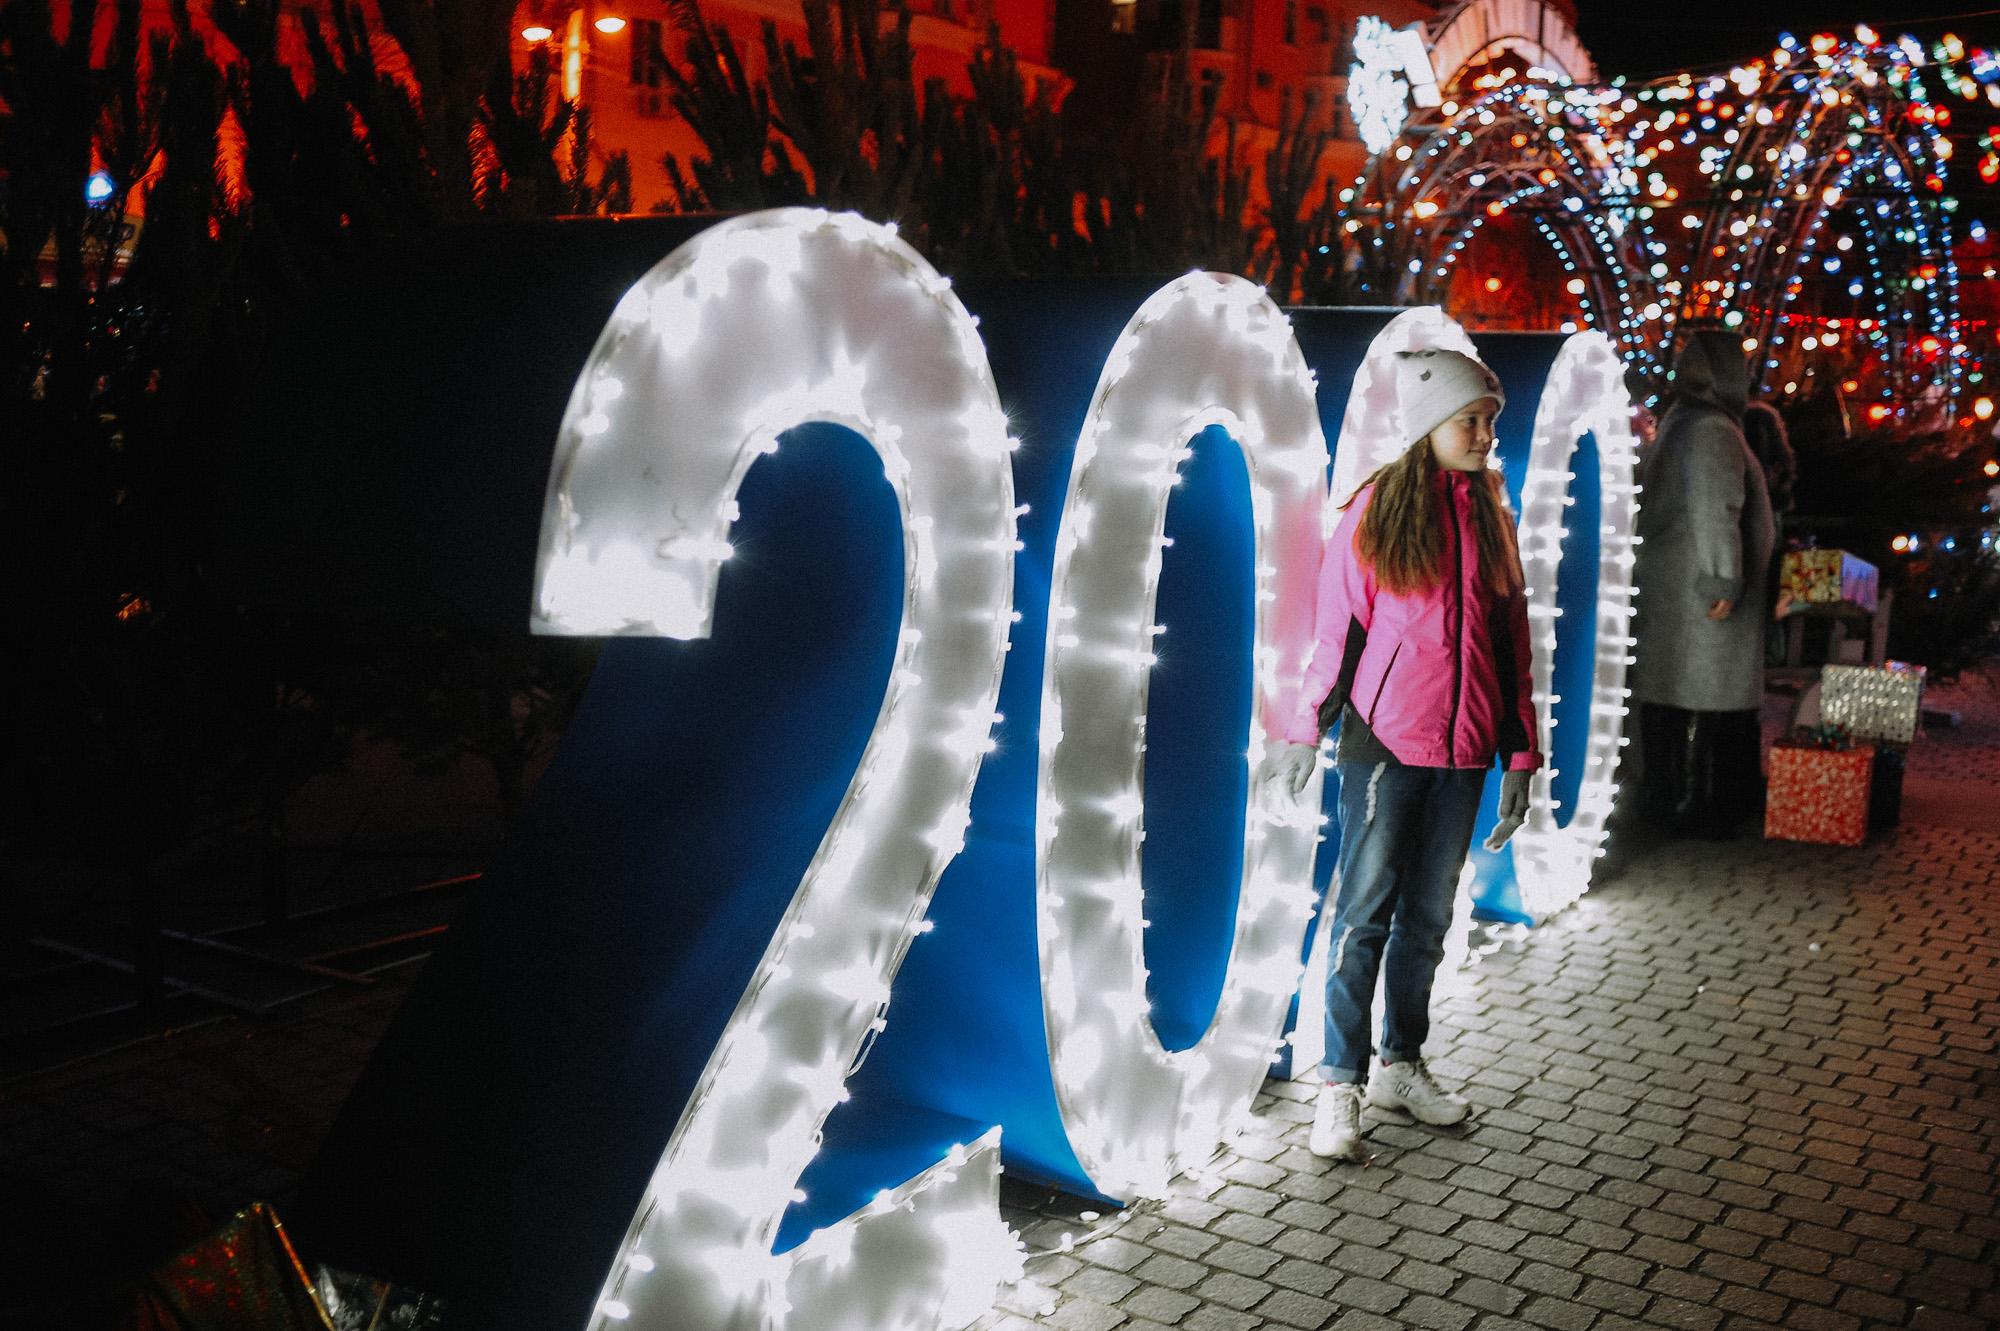 ZZZ 6916 В Астрахани на площади Ленина зажгли новогоднюю елку: кадры торжества